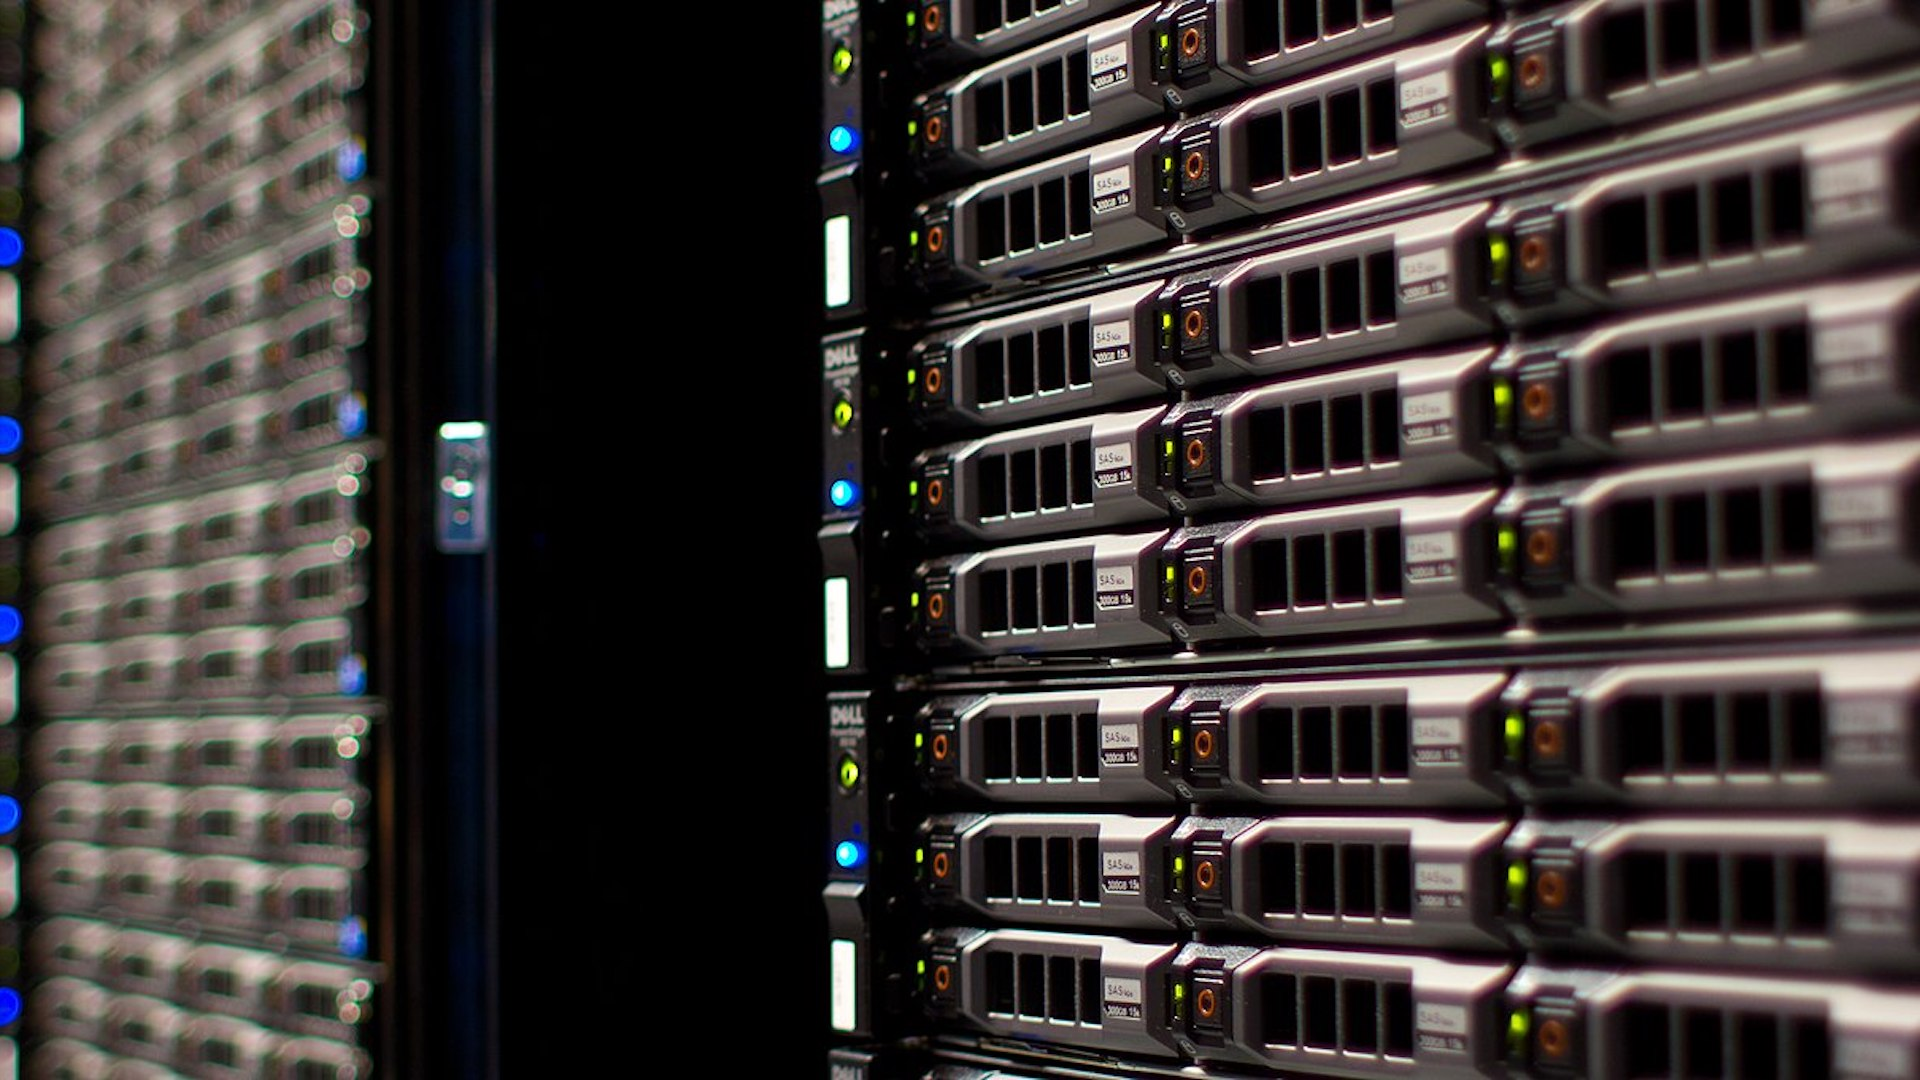 La police allemande a saisi le serveur qui hébergeait l'énorme leak de données de la police US